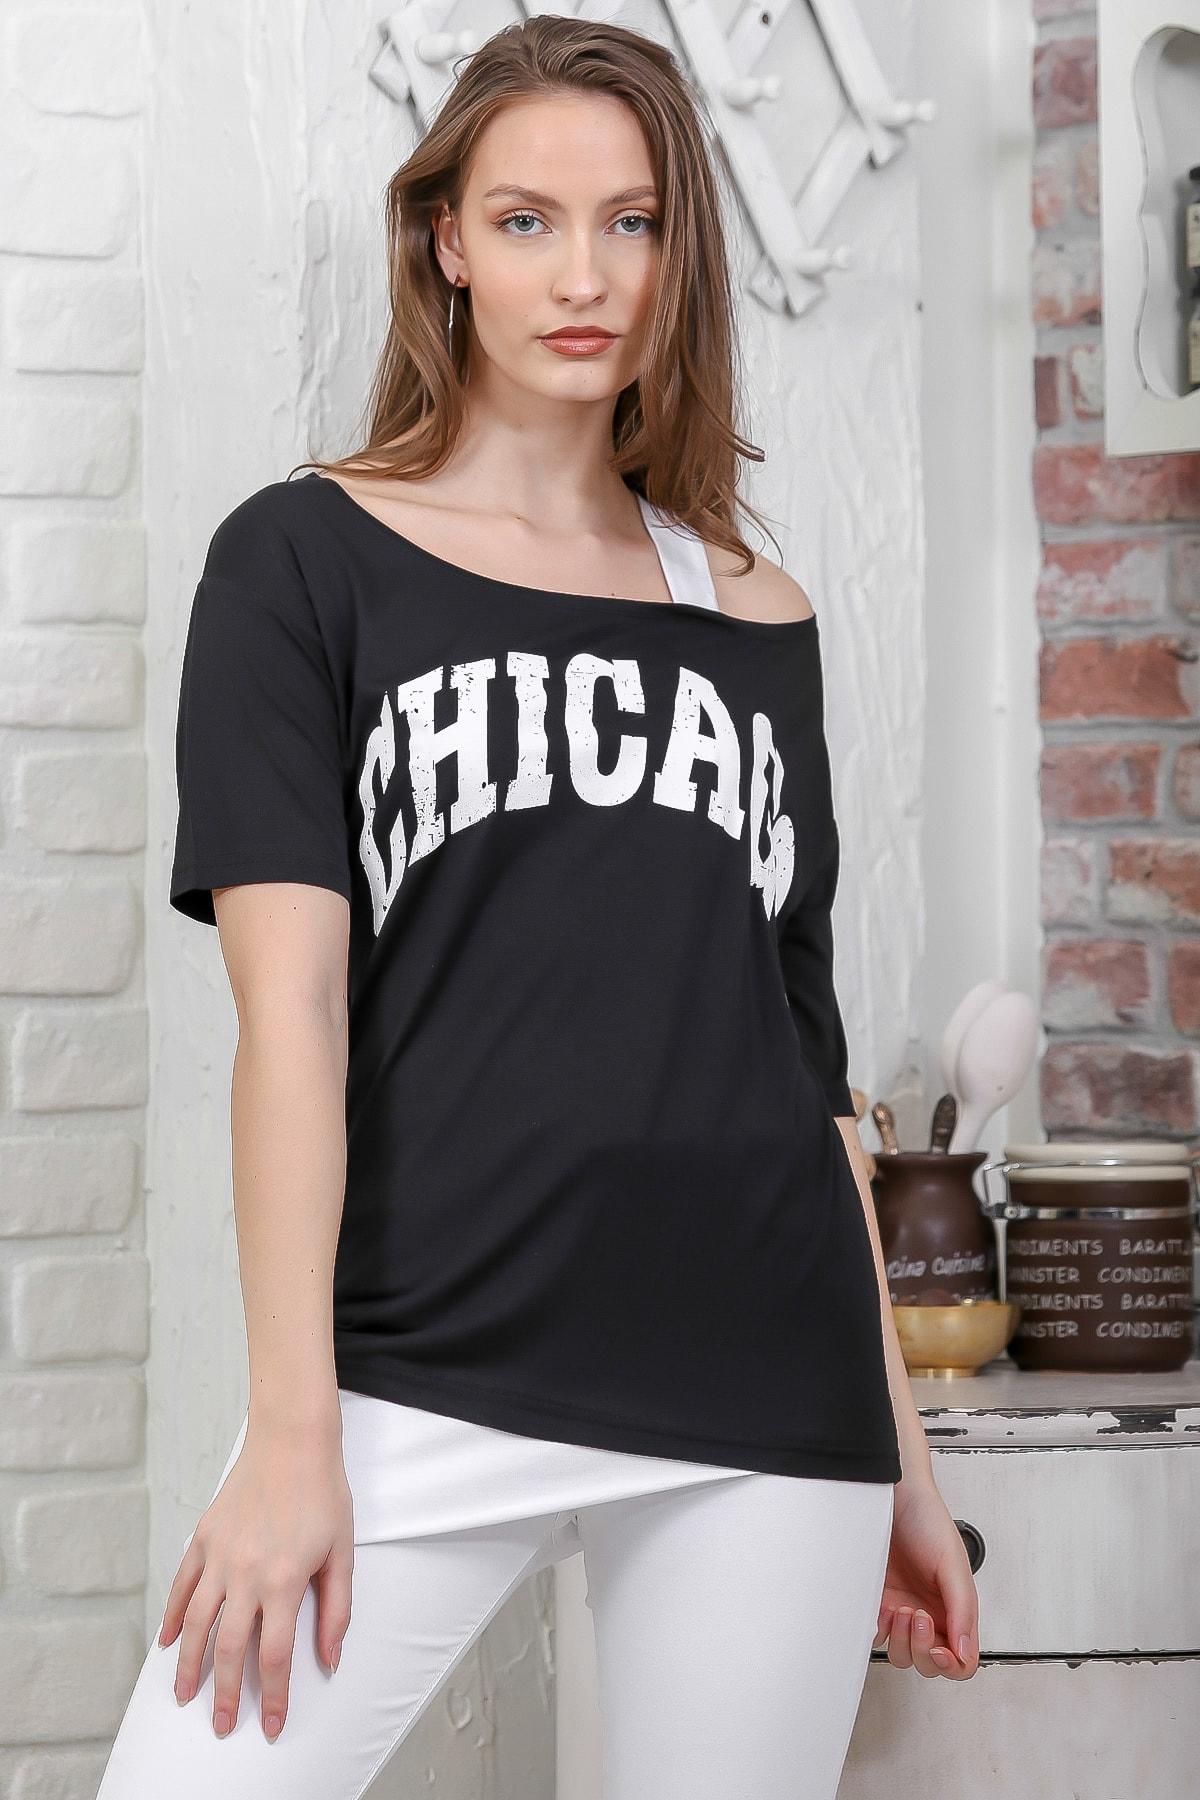 Chiccy Kadın Siyah Chıcago Baskılı Tek Omuz Askılı Etek Ucu Bloklu T-Shirt M10010300TS98274 1